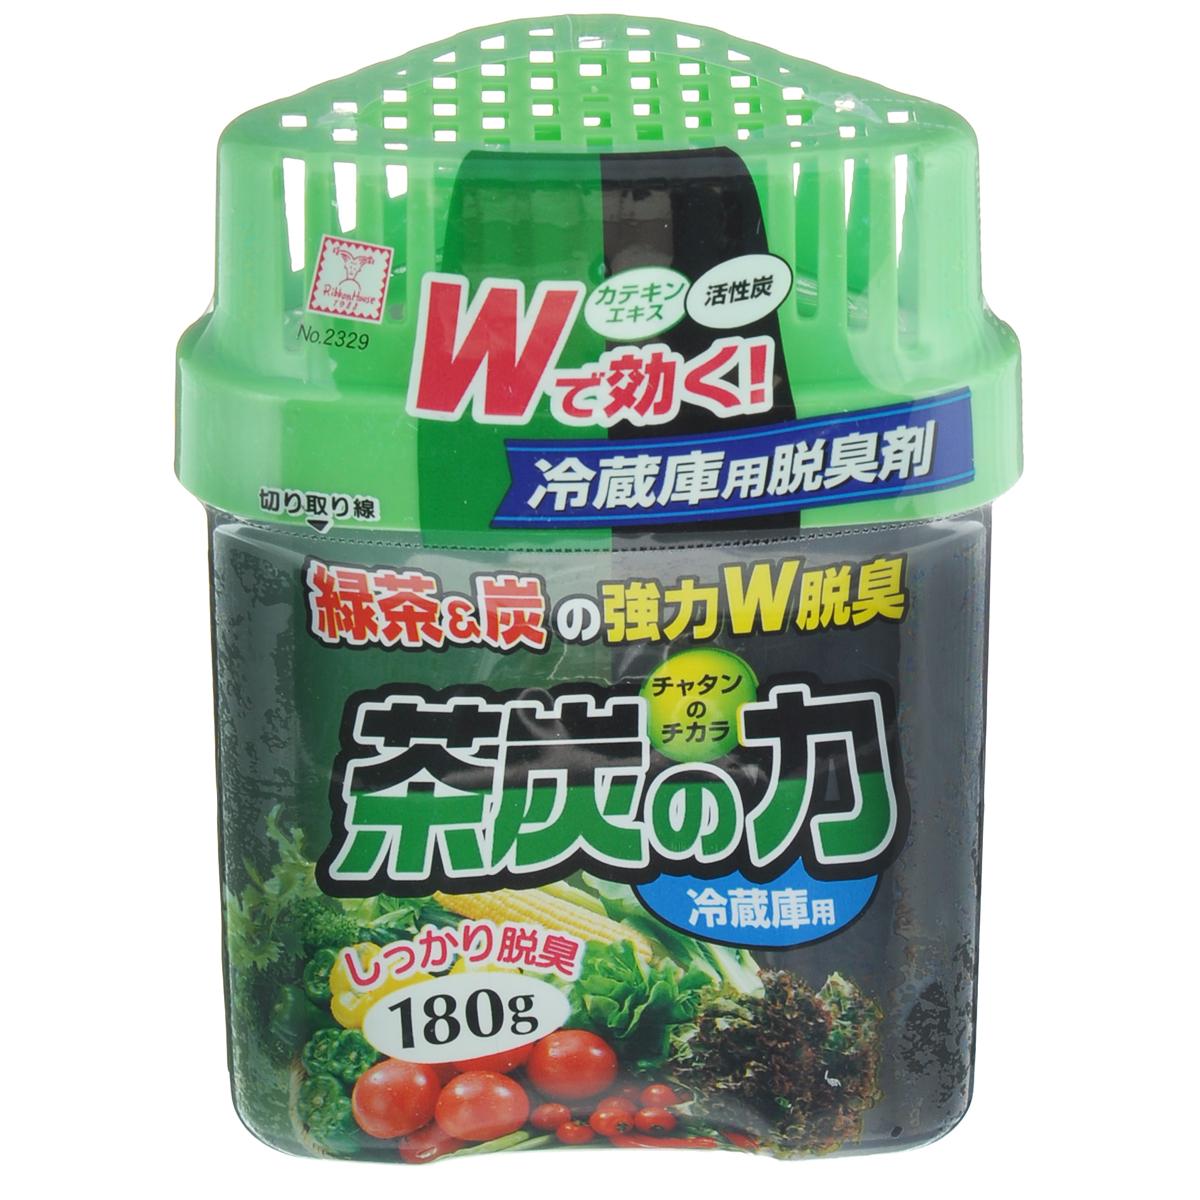 Нейтрализатор запахов для холодильника KOKUBO Сила угля и зеленого чая, 180 г223299Нейтрализатор запахов для холодильника KOKUBO Сила угля и зеленого чая поглощает неприятные запахи, даже очень резкие и стойкие. Способствует долгому сохранению свежести и вкусовых качеств продуктов в холодильнике. Благодаря содержанию древесного угля и экстракта зеленого чая обеспечивает длительный антигрибковый и бактерицидный эффект. Продолжительность действия до 2-х месяцев при объеме холодильника до 450-ти литров. Состав: дистиллированная вода, гелиевый наполнитель, порошок угля Бинчо, естественный дезодорант, экстракт белого чая. Вес: 180 г.